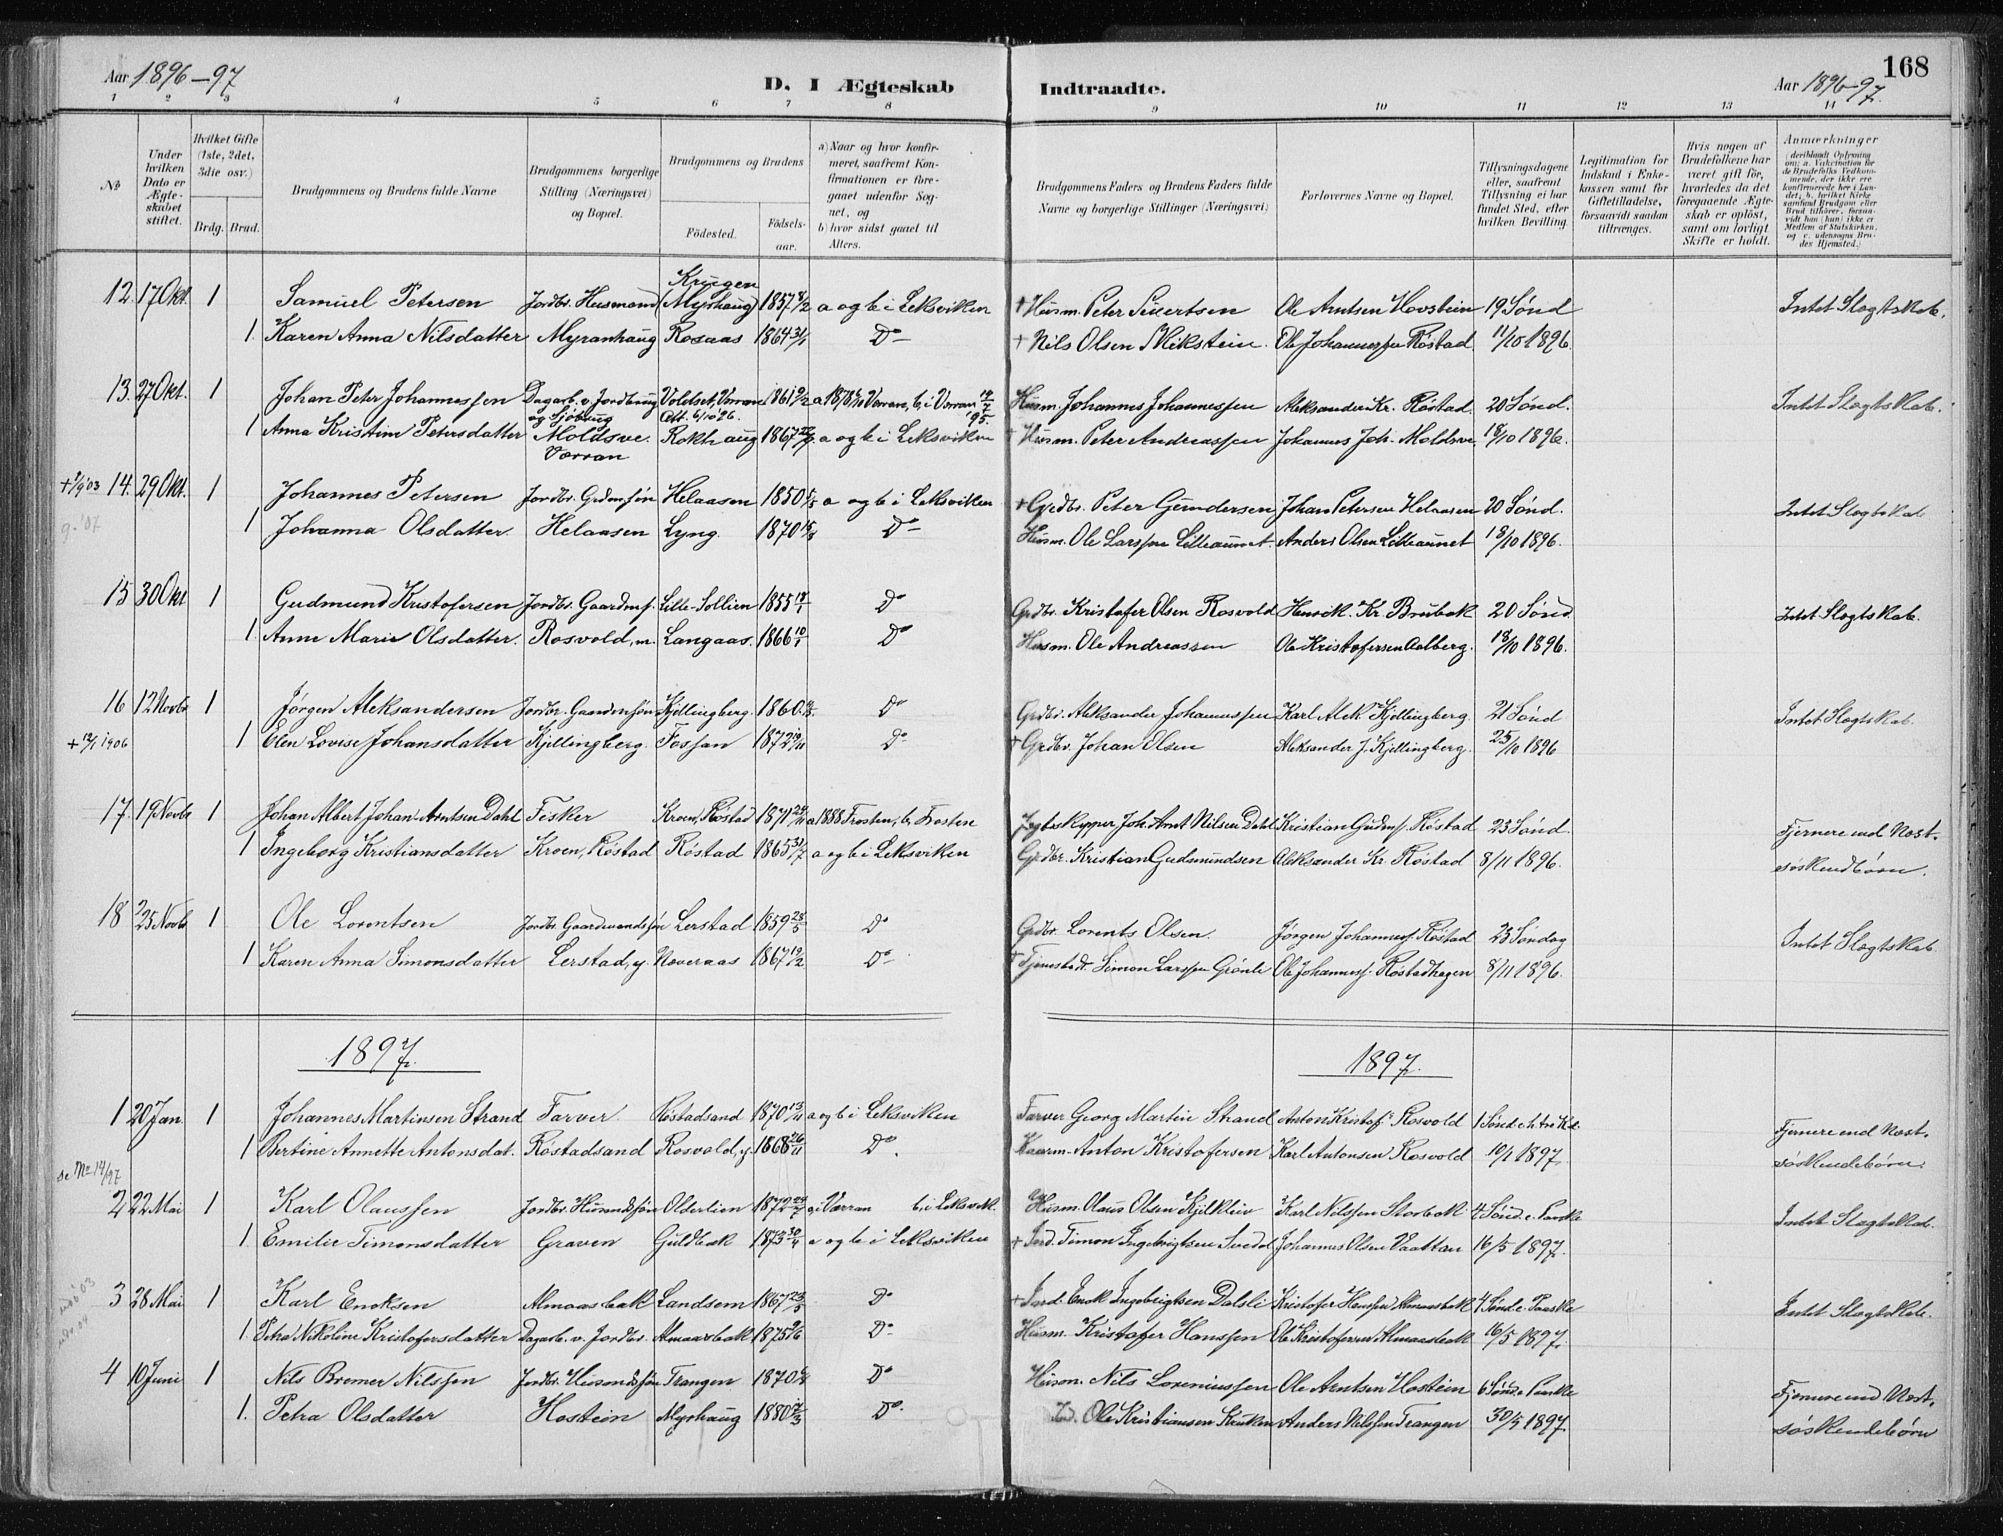 SAT, Ministerialprotokoller, klokkerbøker og fødselsregistre - Nord-Trøndelag, 701/L0010: Ministerialbok nr. 701A10, 1883-1899, s. 168